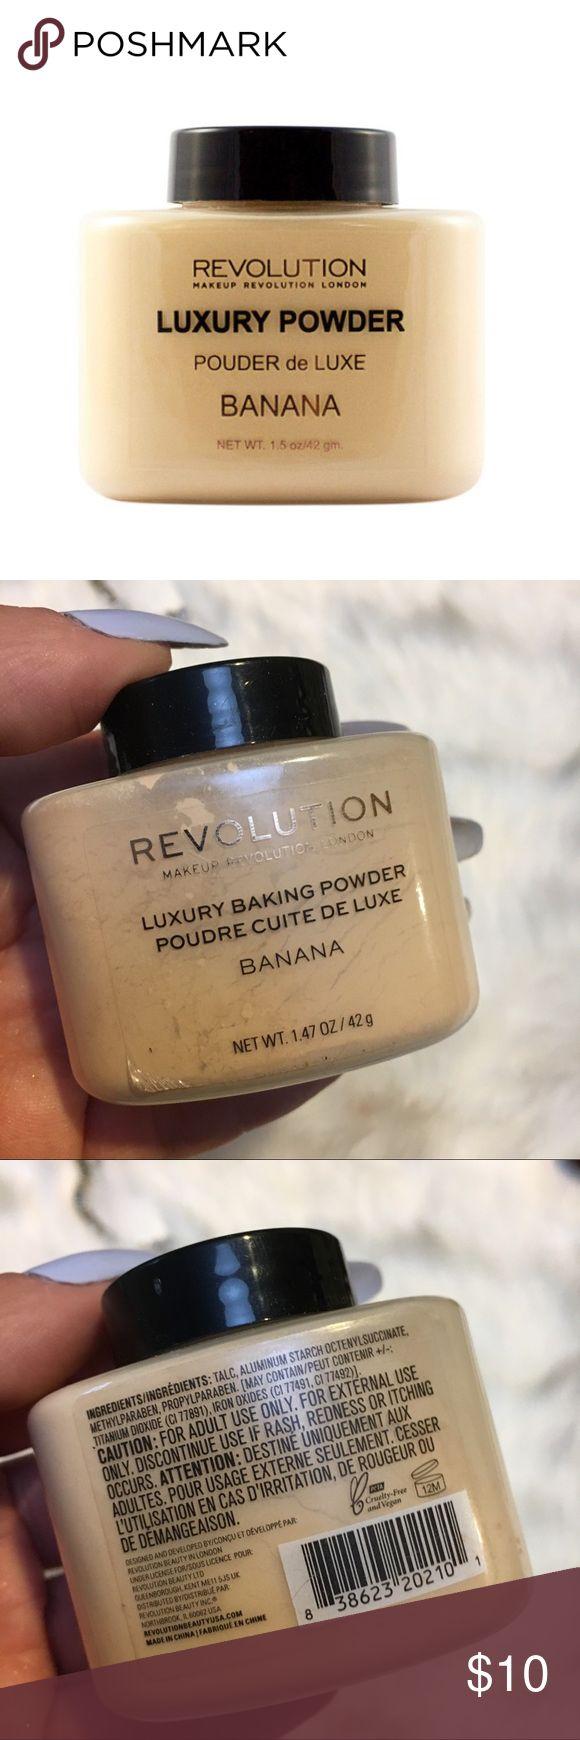 Revolution banana powder loose powder for baking Banana